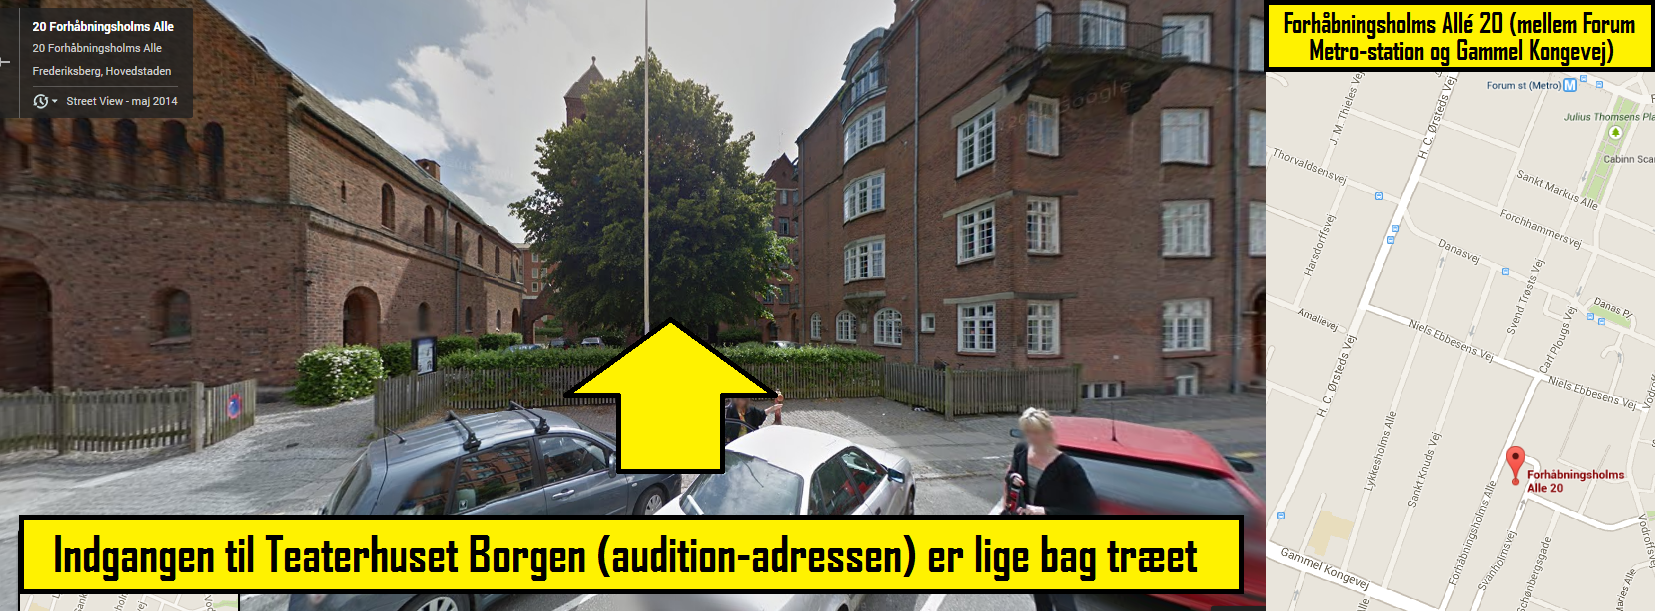 Forhåbningsholms Allé 20